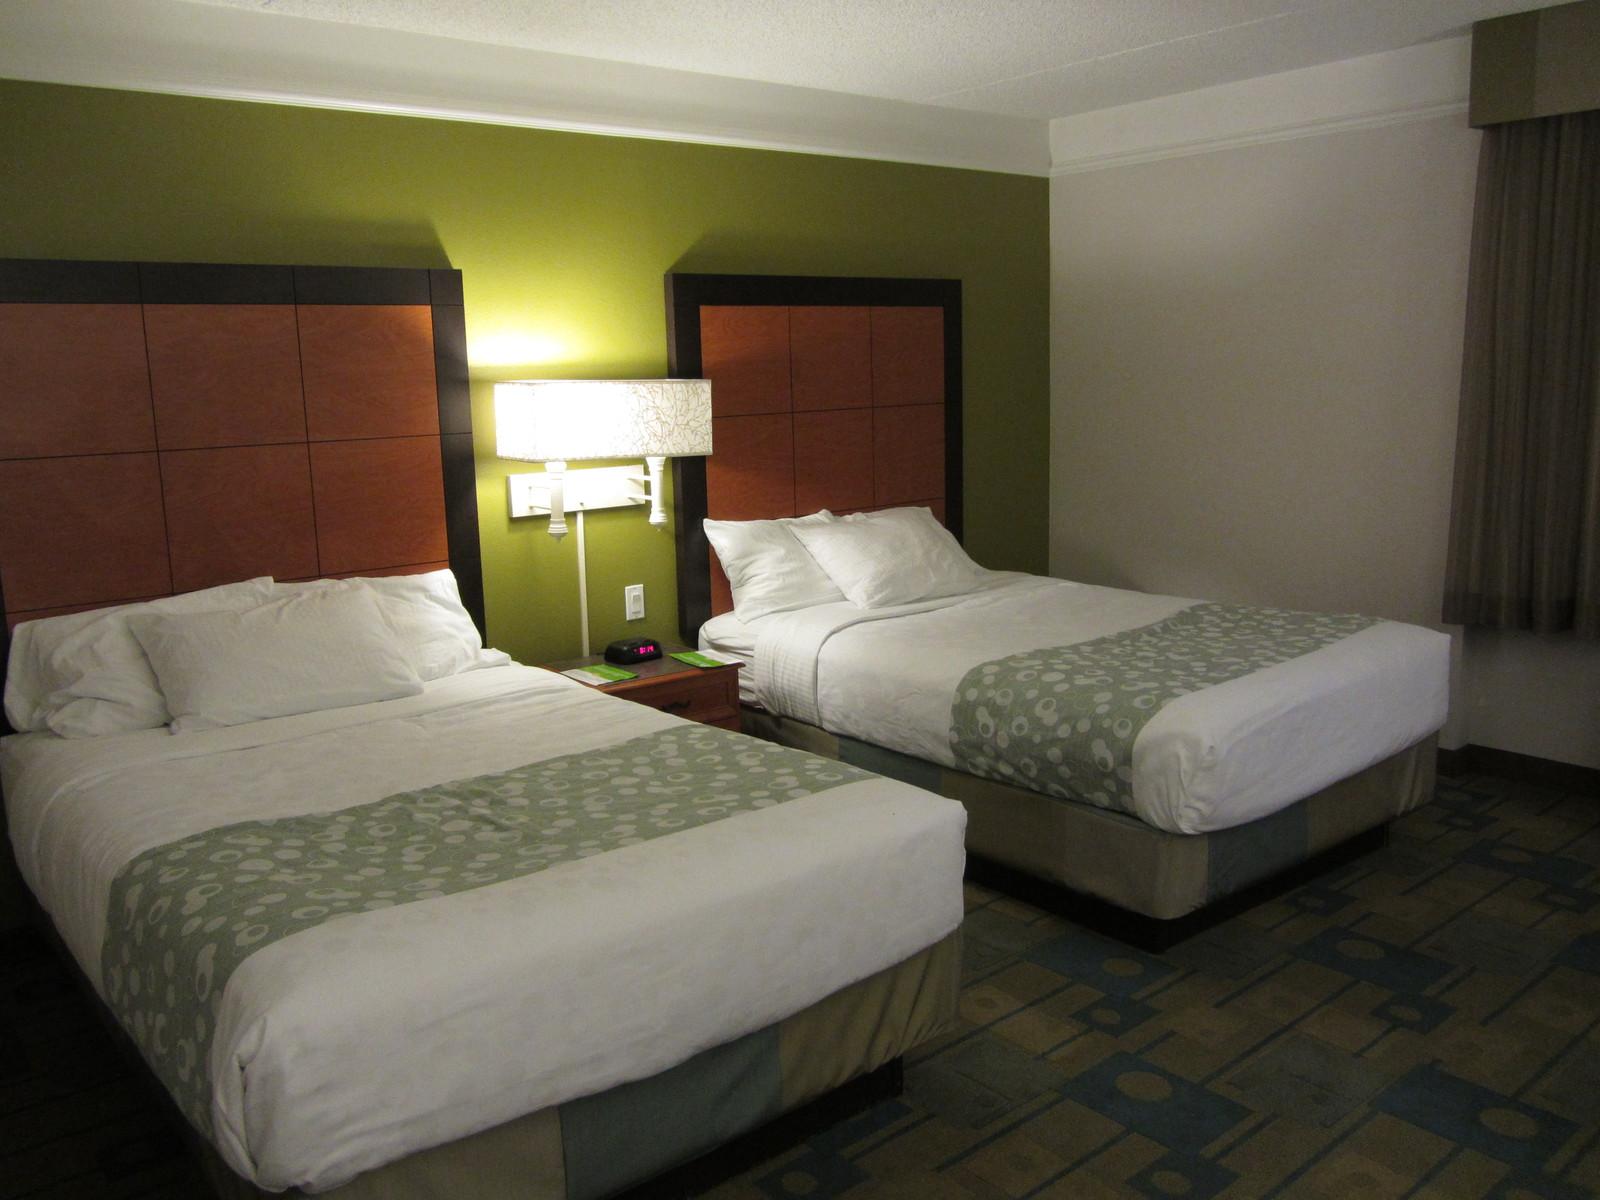 Hotel Pres Aeroport Porto